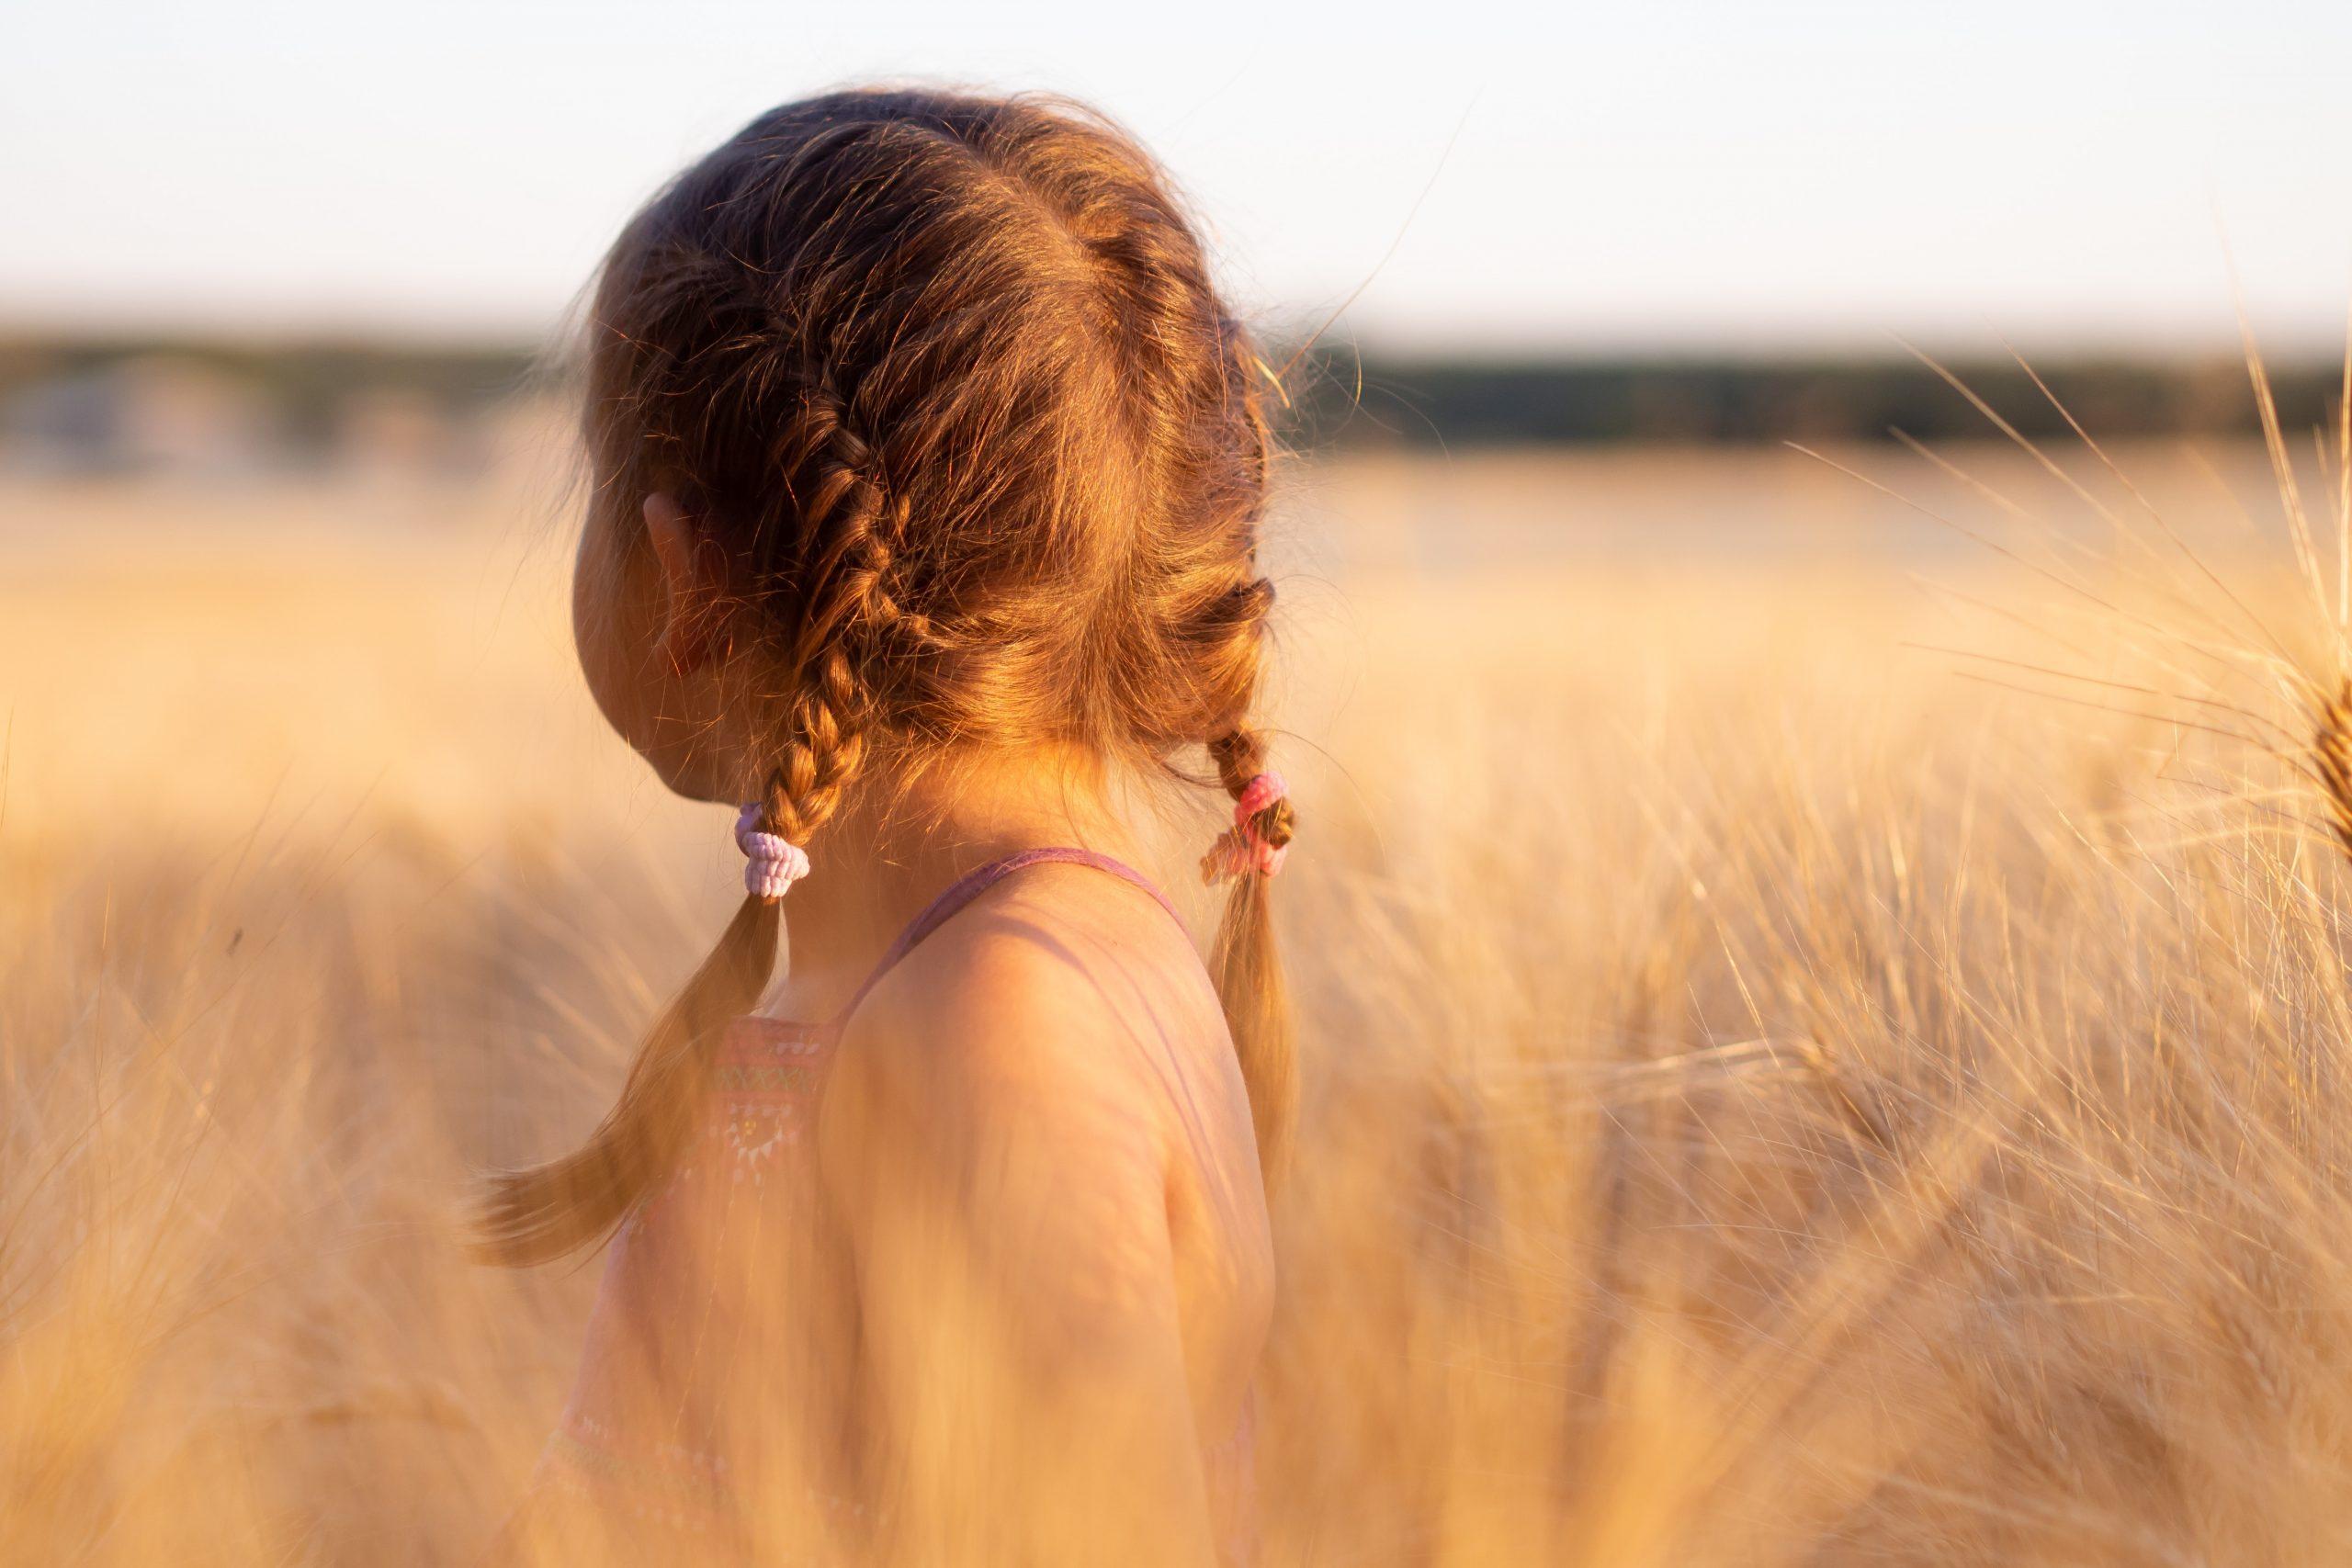 Gastbeitrag: Ich bestrafe mein Kind nicht! Und es kann trotzdem nicht alles machen, was es will – Wie erziehungsfrei funktioniert